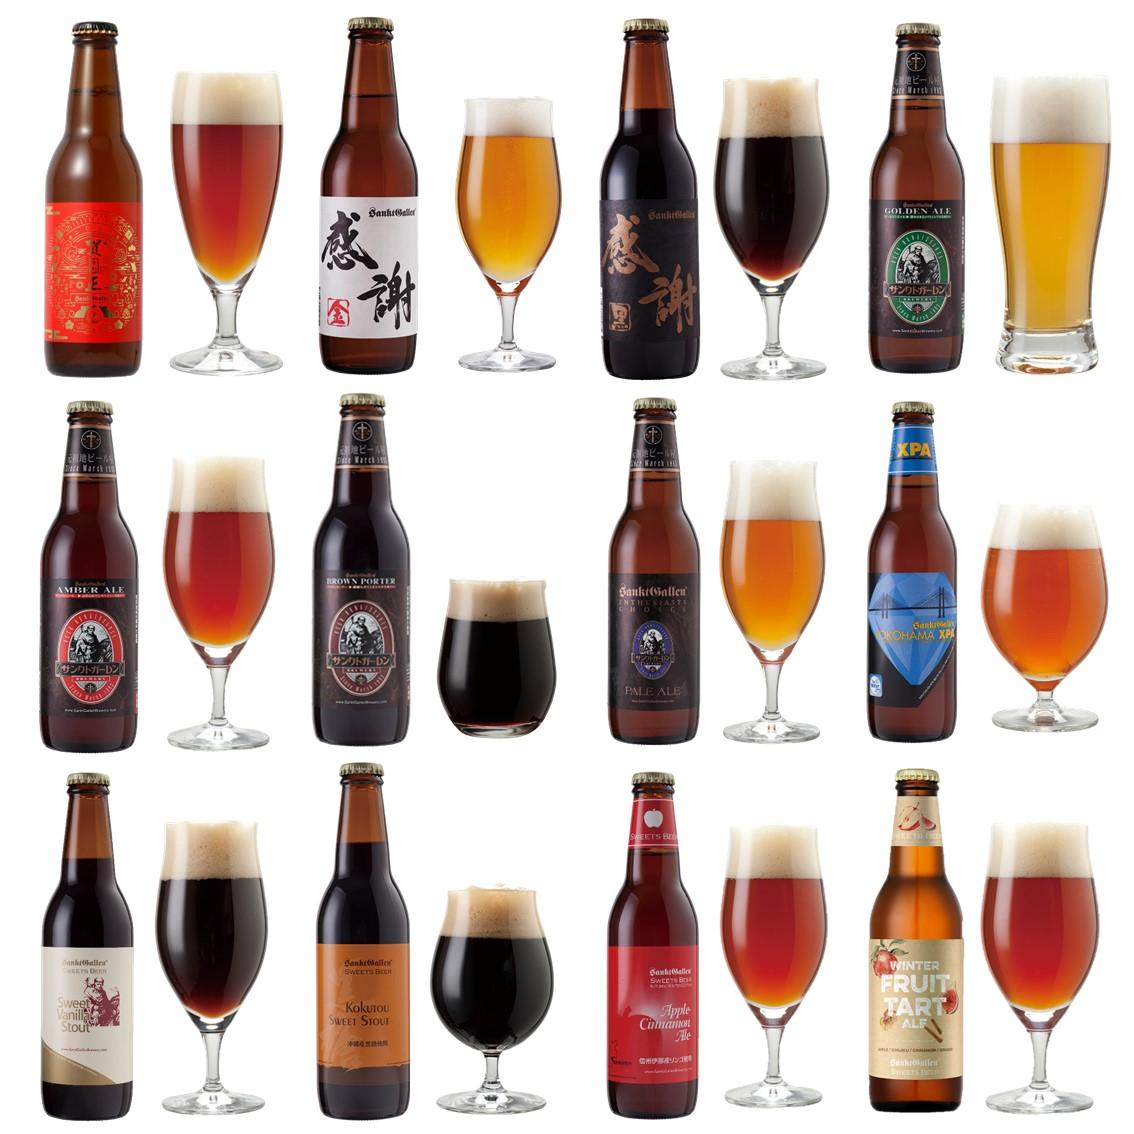 賀正ビール入クラフトビール12種飲み比べセット